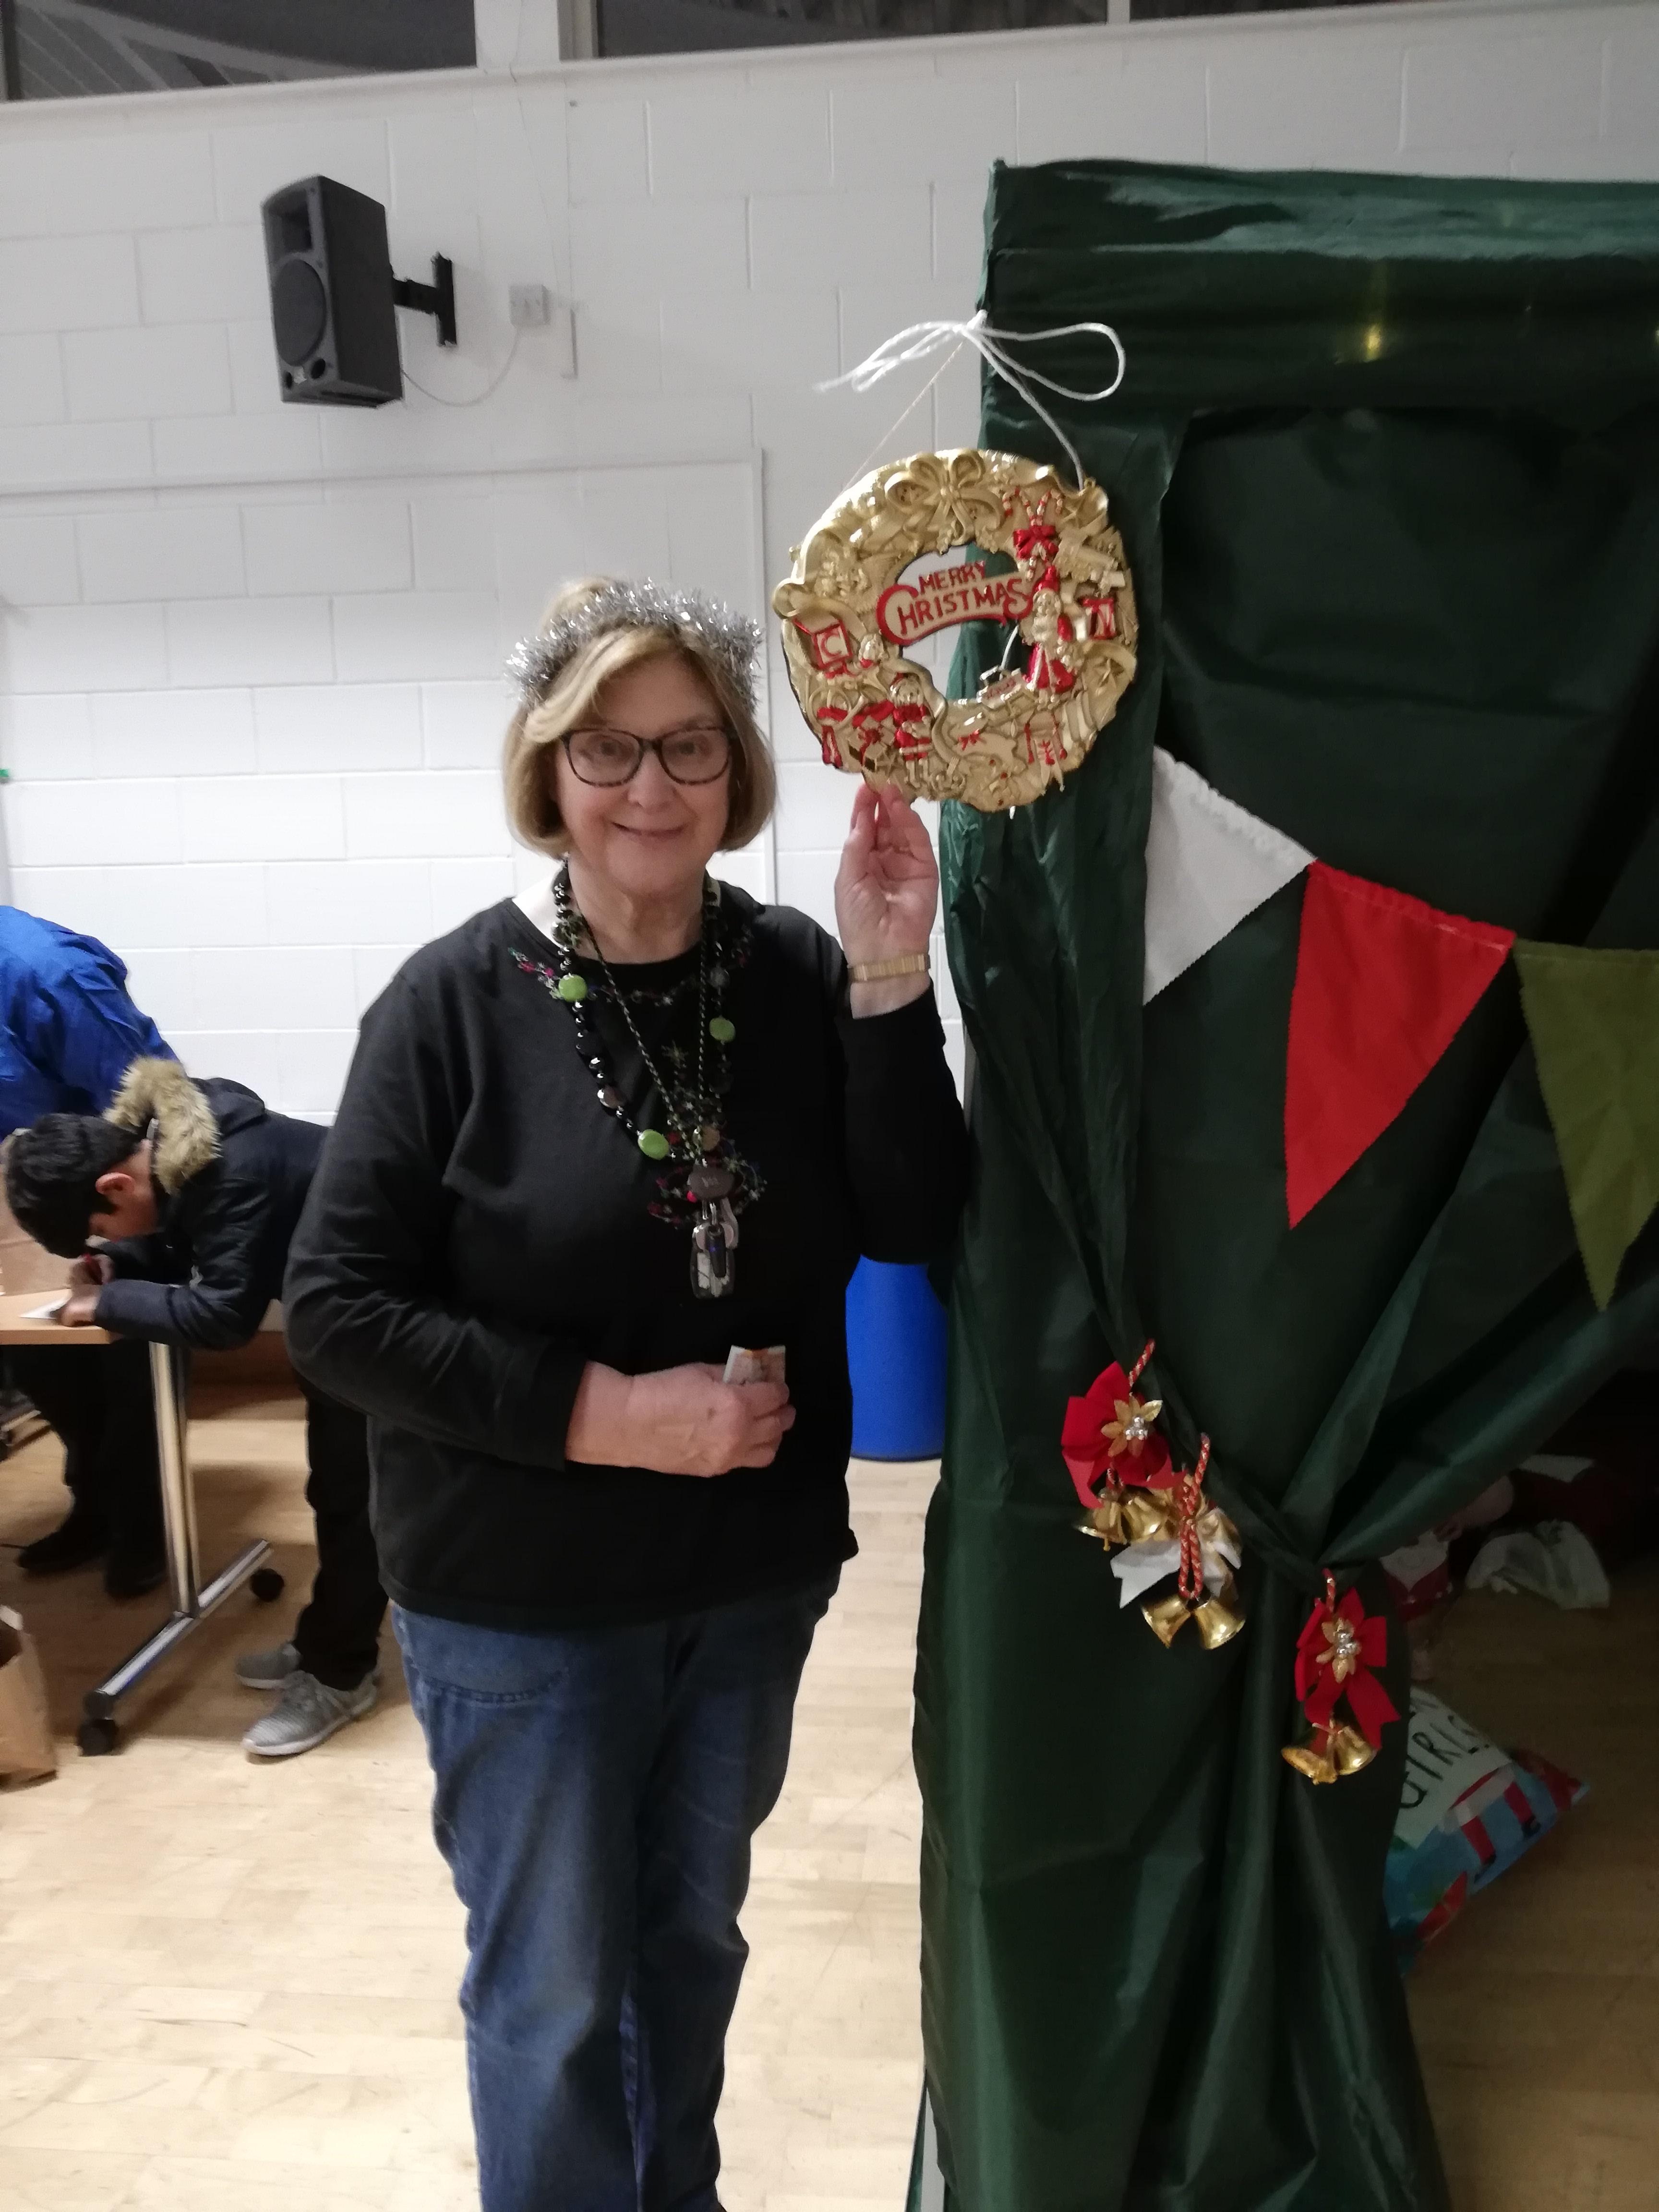 Maureen @ Christmas Event